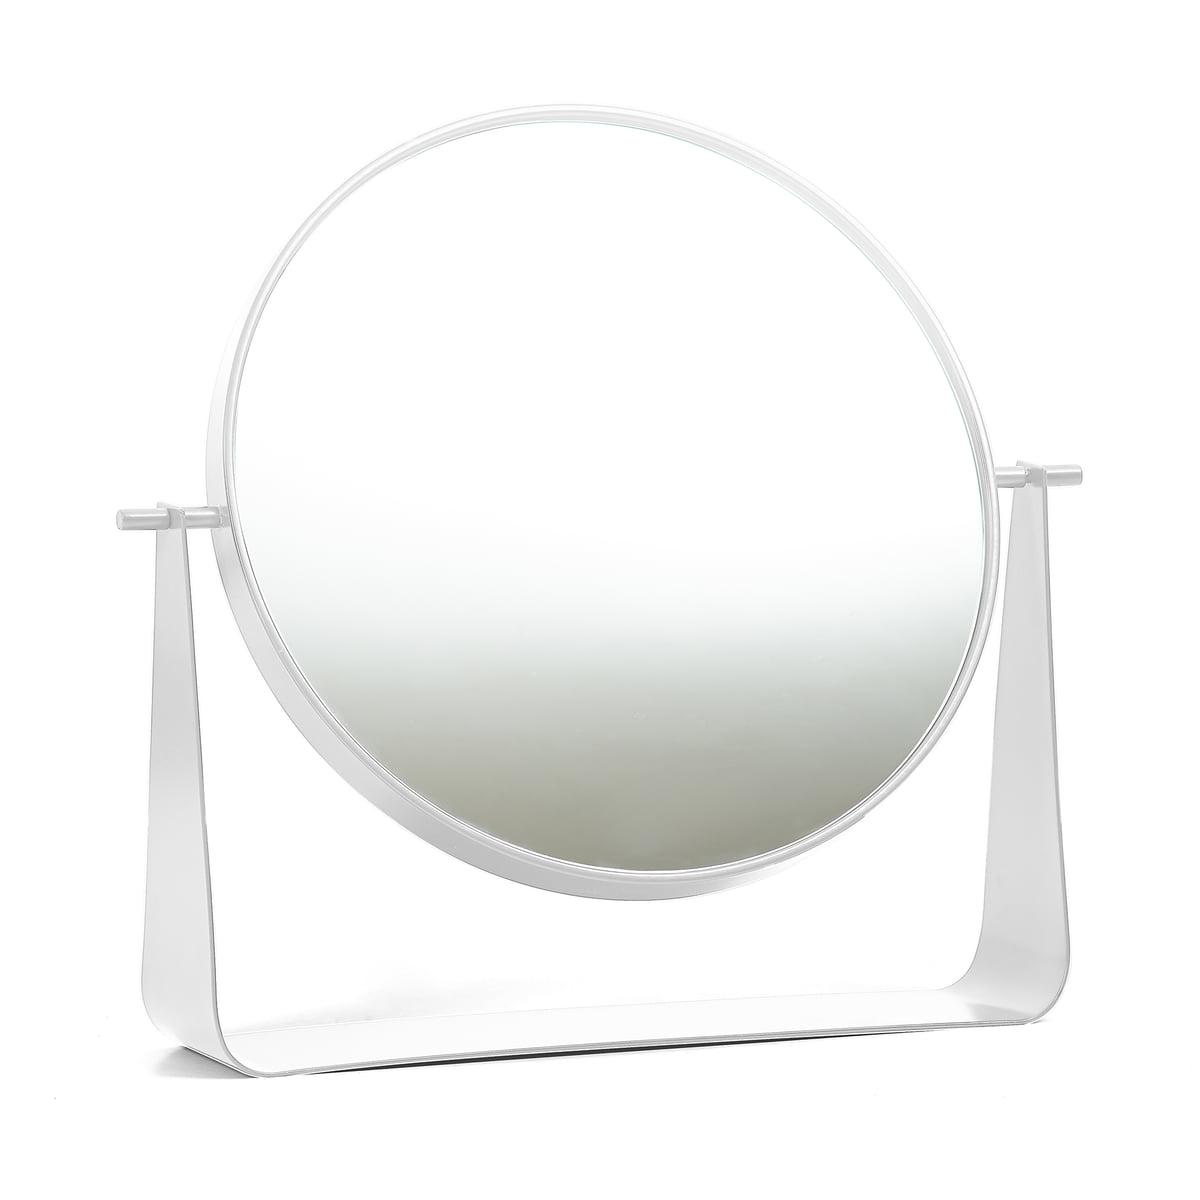 Hartô - Narcisse Tischspiegel, weiß (RAL 9016) | Flur & Diele > Spiegel > Standspiegel | Verkehrsweiß (ral 9016) | Spiegelglas -  lackiertes metall | Hartô